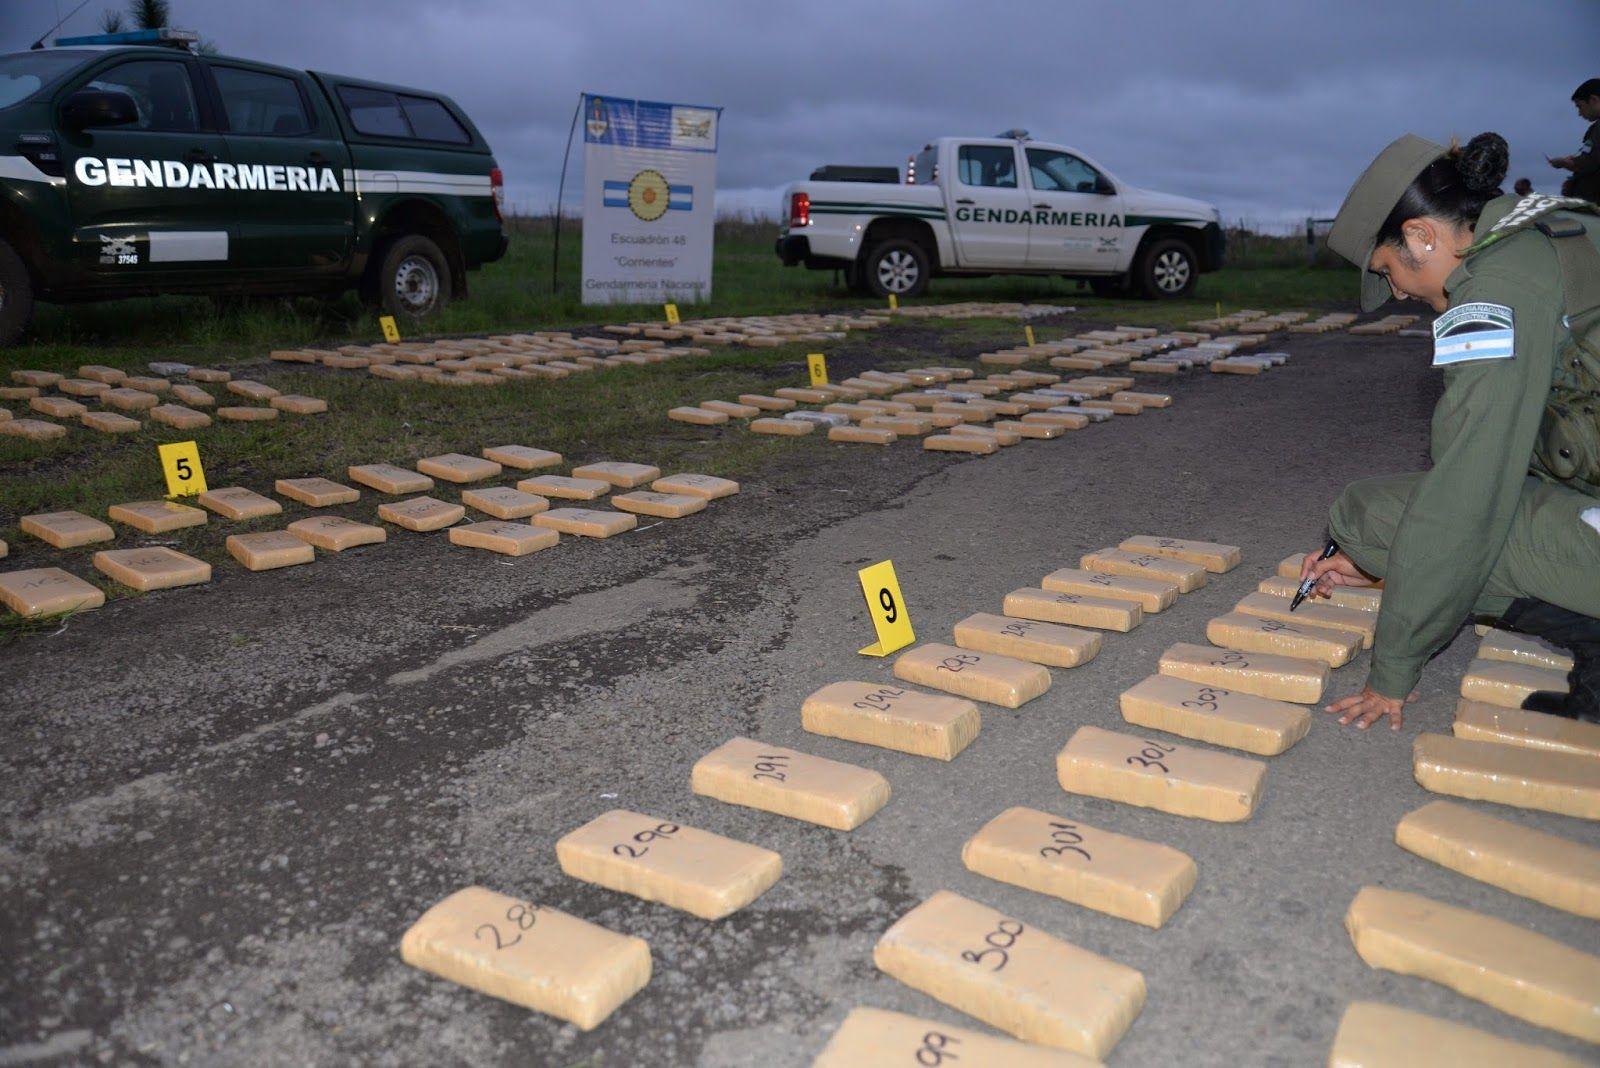 Gendarmería decomisa kilos de marihuana periodicamente en Itatí